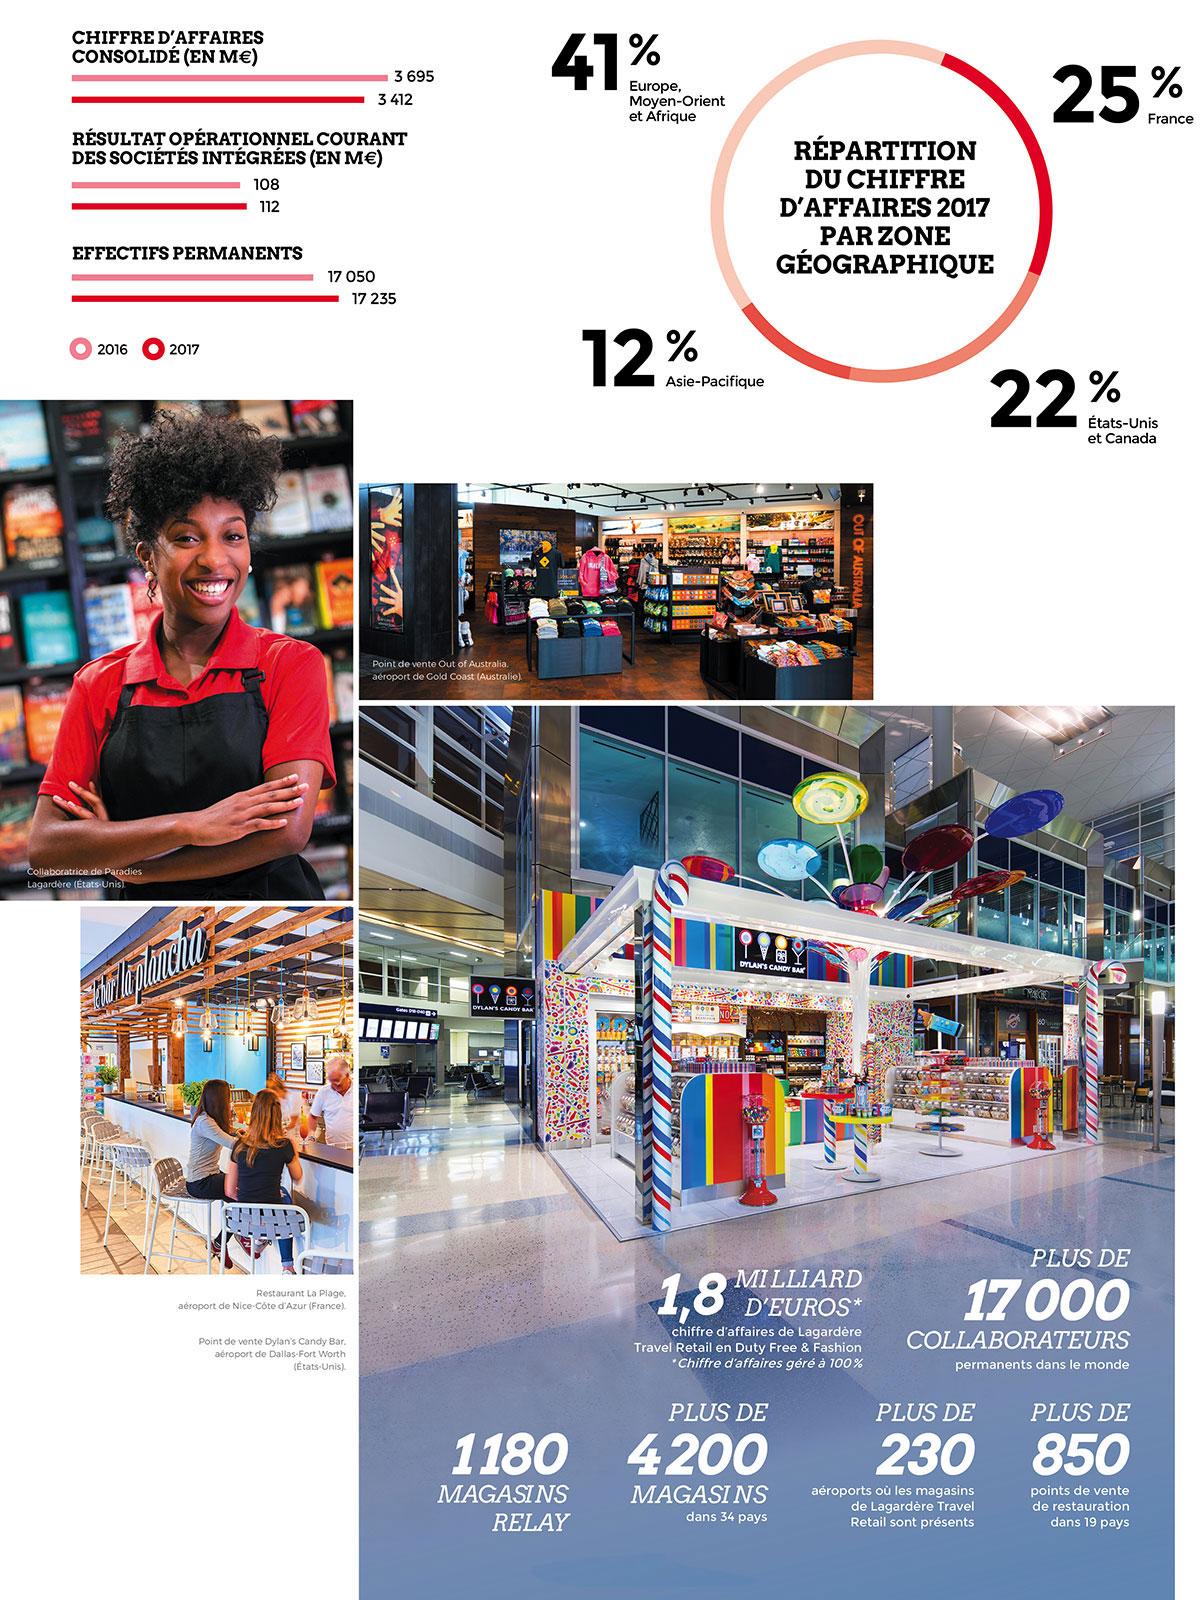 Tableau de bord Lagardère Travel Retail 2017